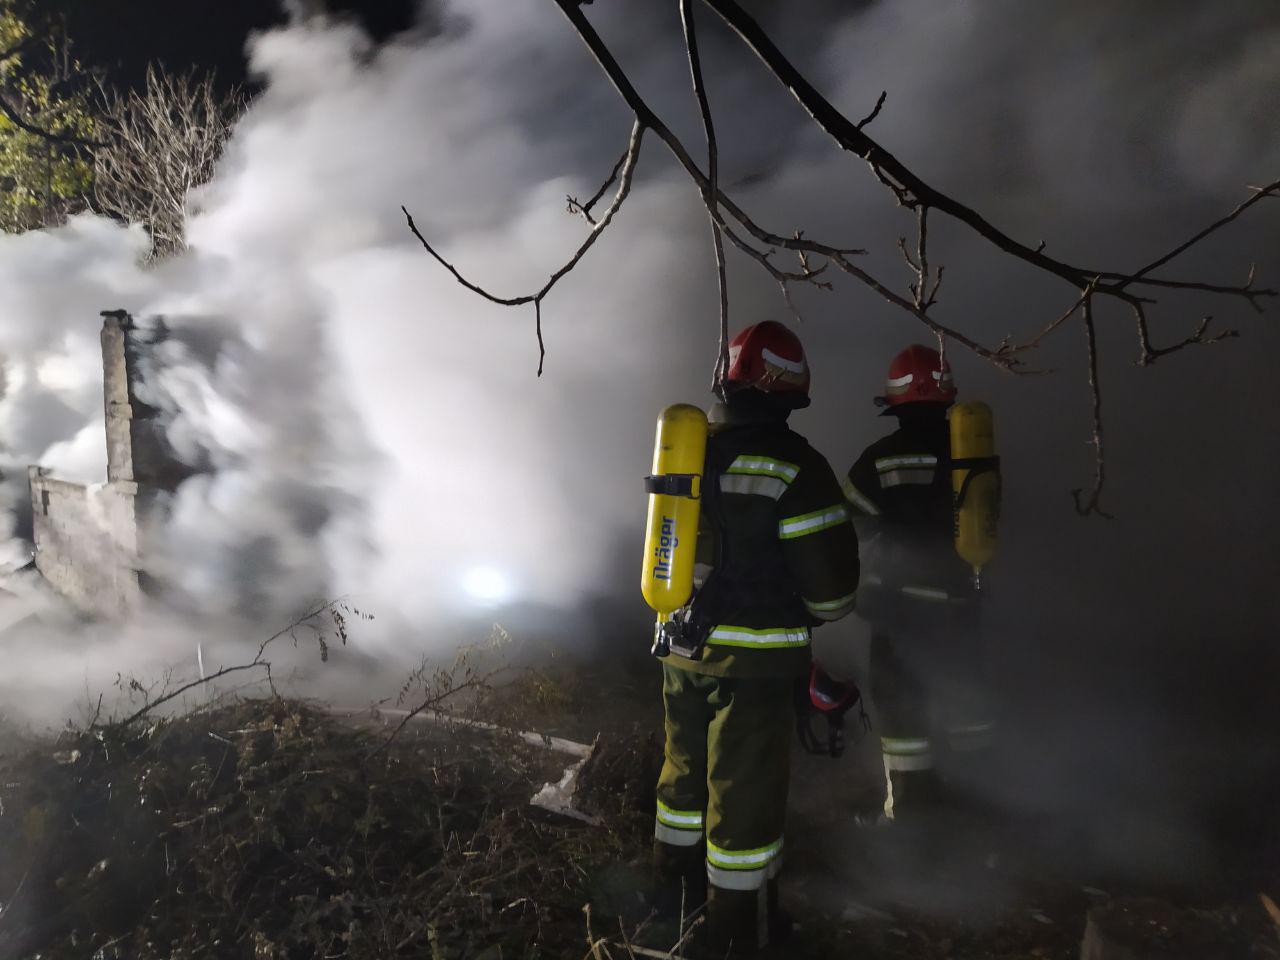 Без Купюр Кіровоградщина: дві людини загинули та одна постраждала внаслідок пожеж упродовж доби Події  рятувальники пожежа новини Кіровоградщина загиблі